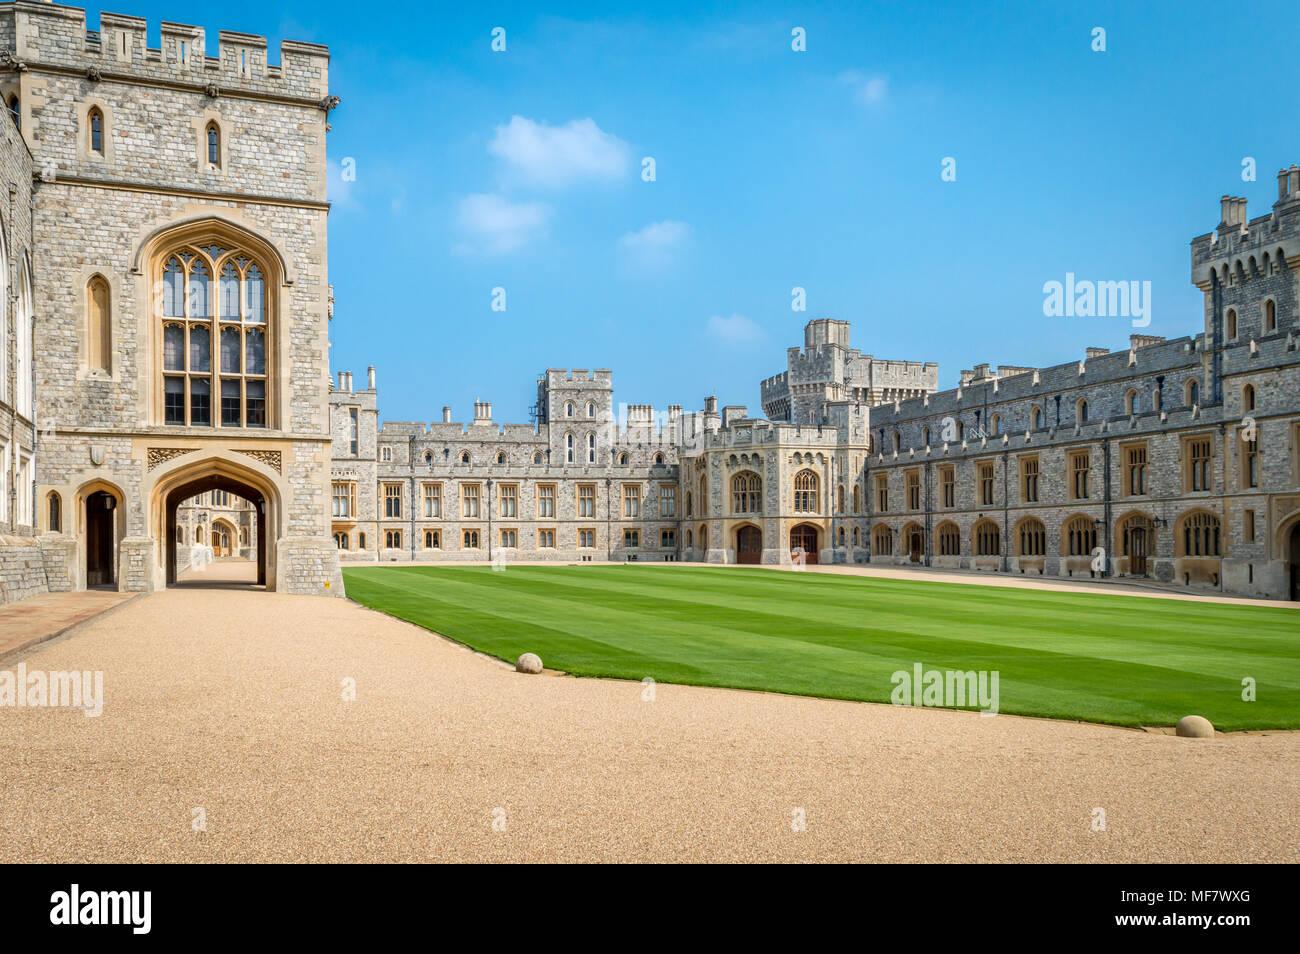 Windsor, Großbritannien - 05.Mai 2016: Blick von der oberen Station (Viereck) im mittelalterlichen Schloss Windsor. Schloss Windsor ist eine königliche Residenz im Windsor in Stockbild